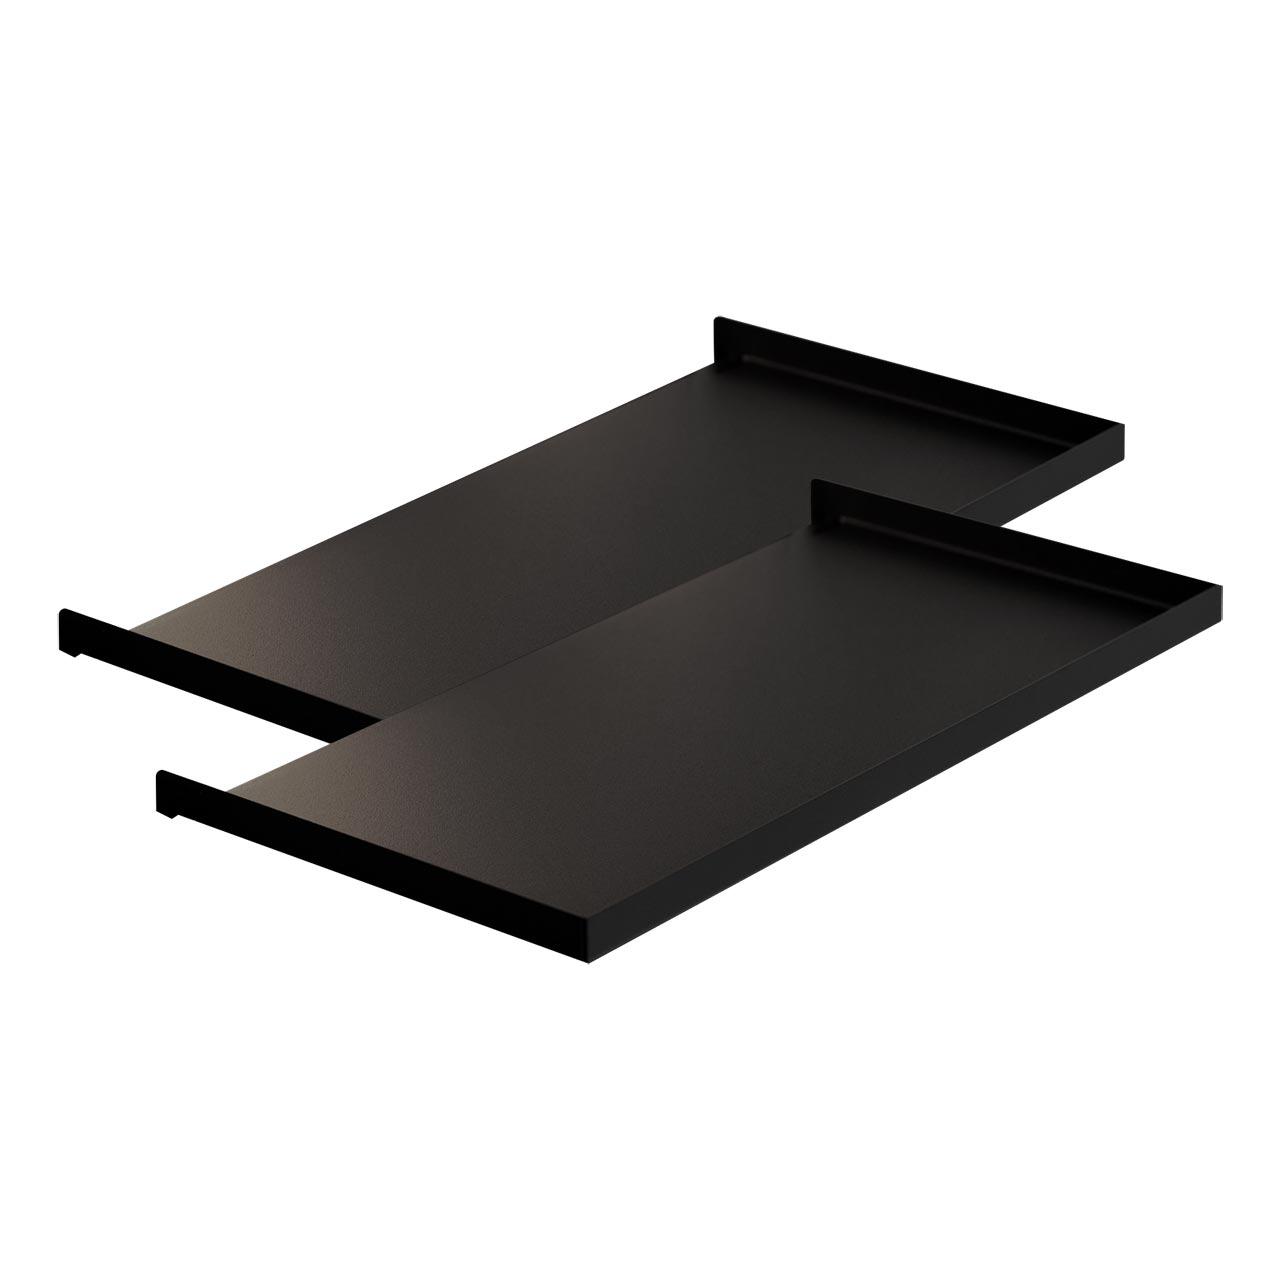 seitenablage-2x-planika-faro